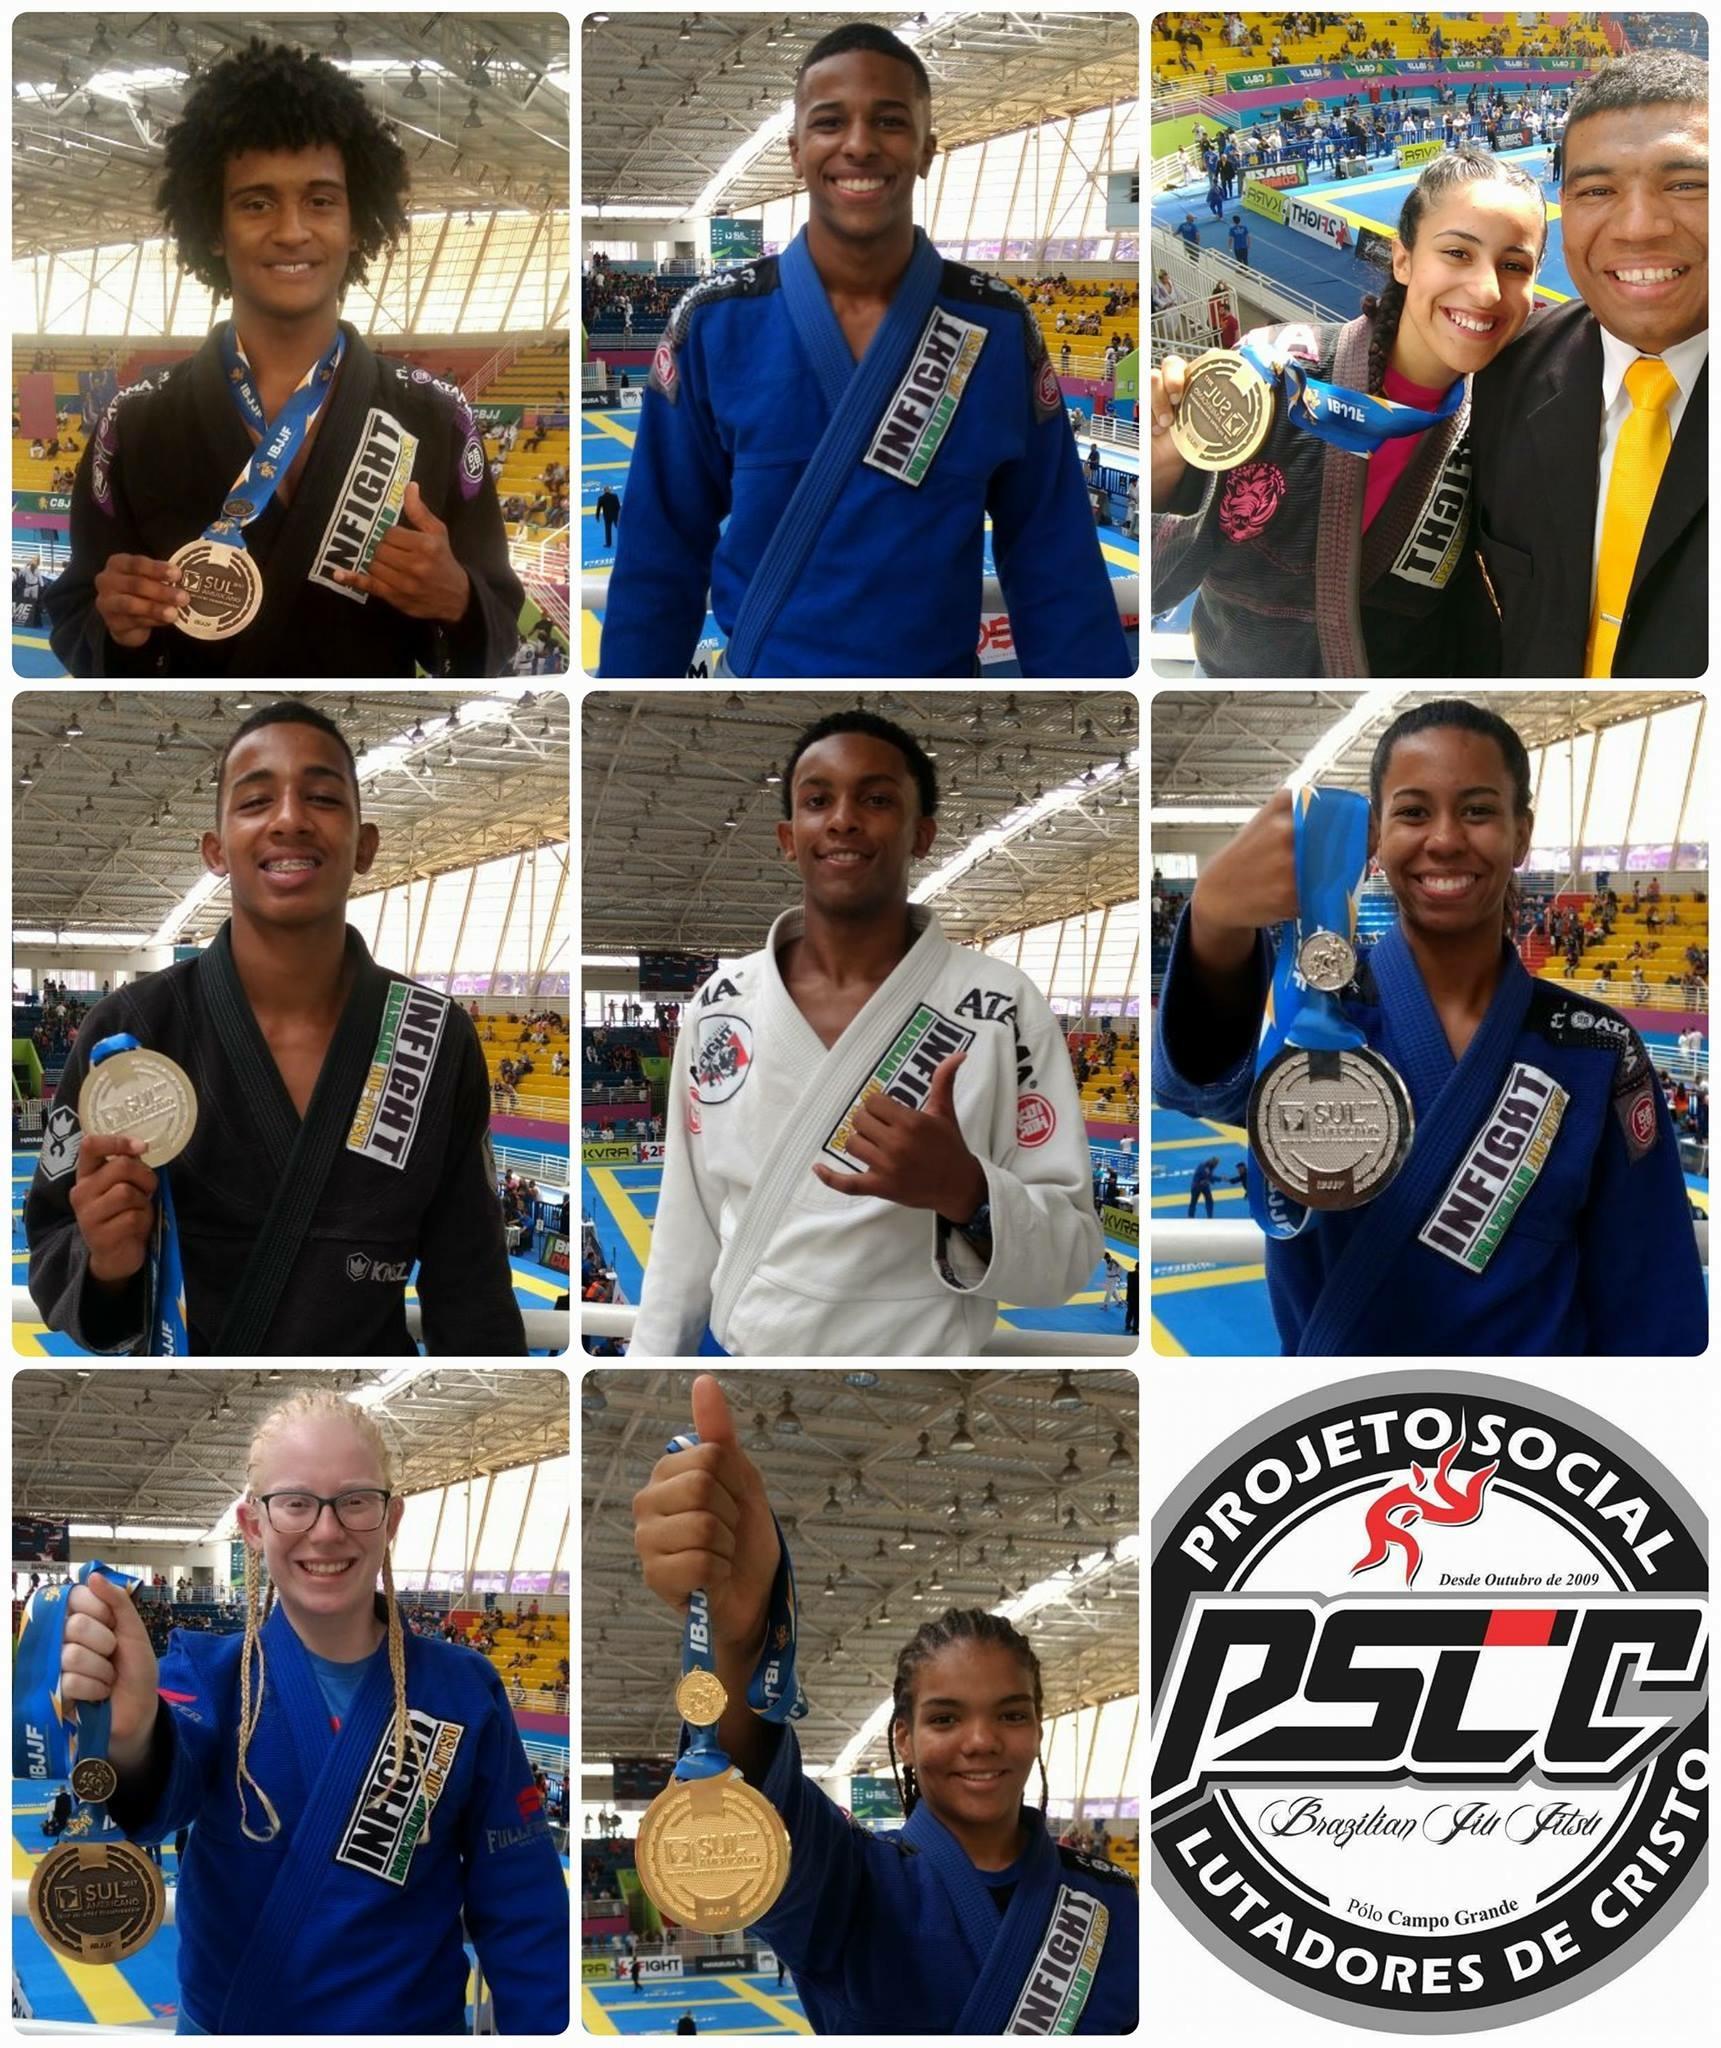 Lutadores da Cidade de Deus ganham medalhas no campeonato de Jiu-jítsu em São Paulo